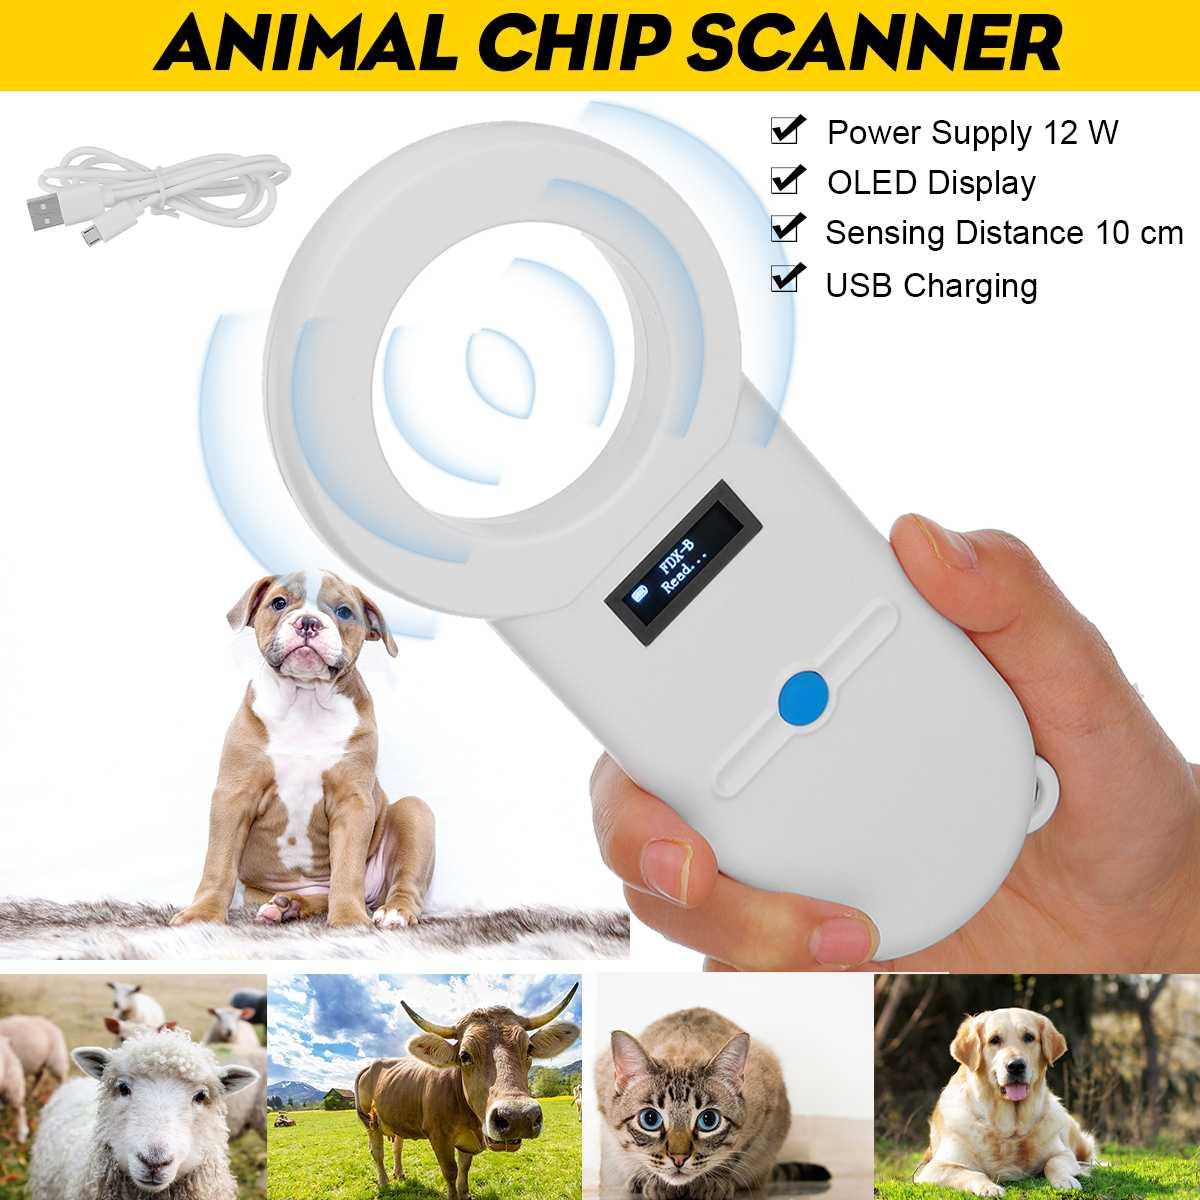 ماسح ضوئي رقمي حساس للعلامات الحيوانية ، شريحة ISO ، مستجيب ، OLED ، محمول ، للحيوانات الأليفة ، الكلاب ، القطط ، الحيوانات الأليفة ، ISO11784/5